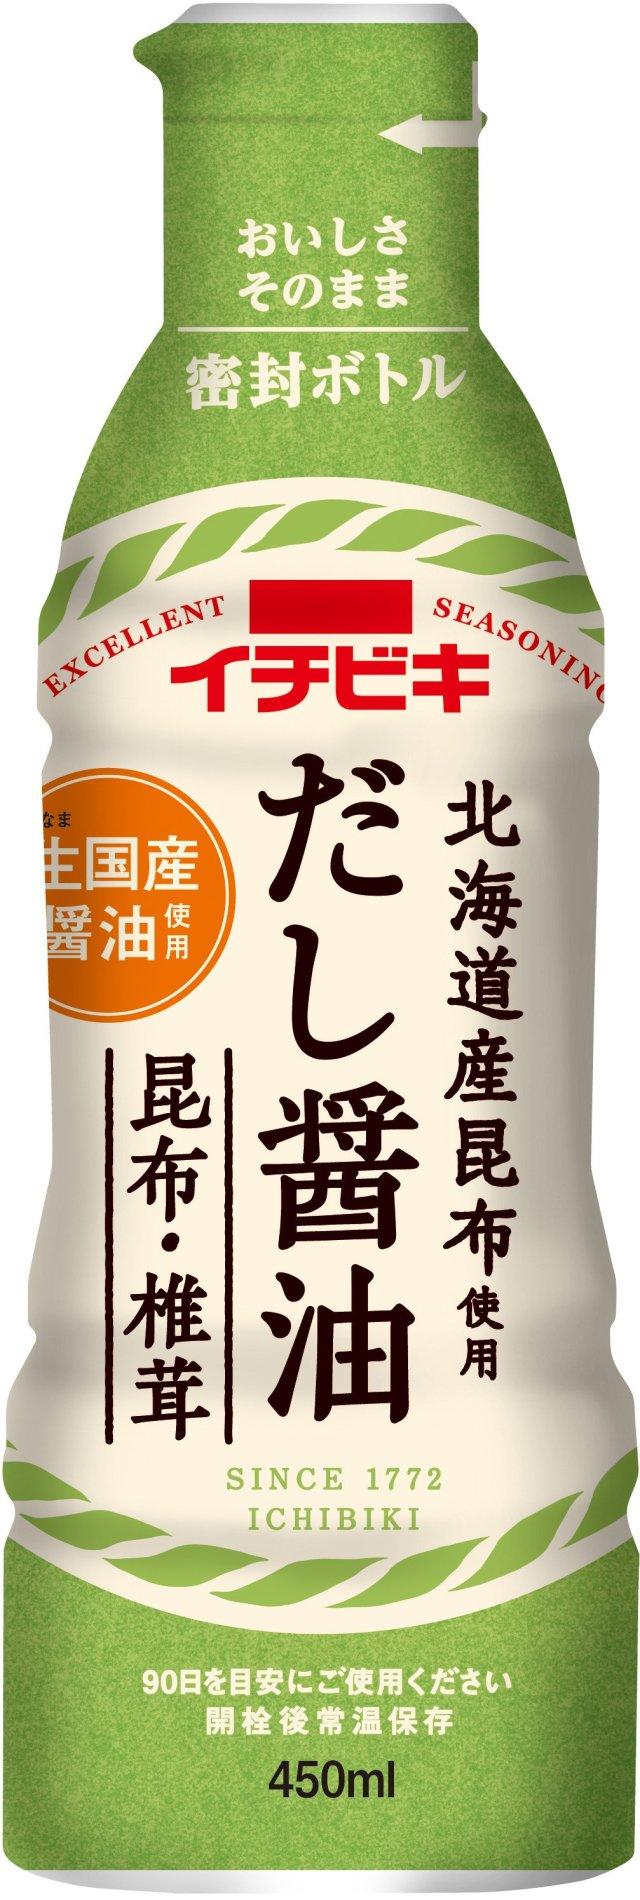 だし醤油昆布・椎茸(450ml)